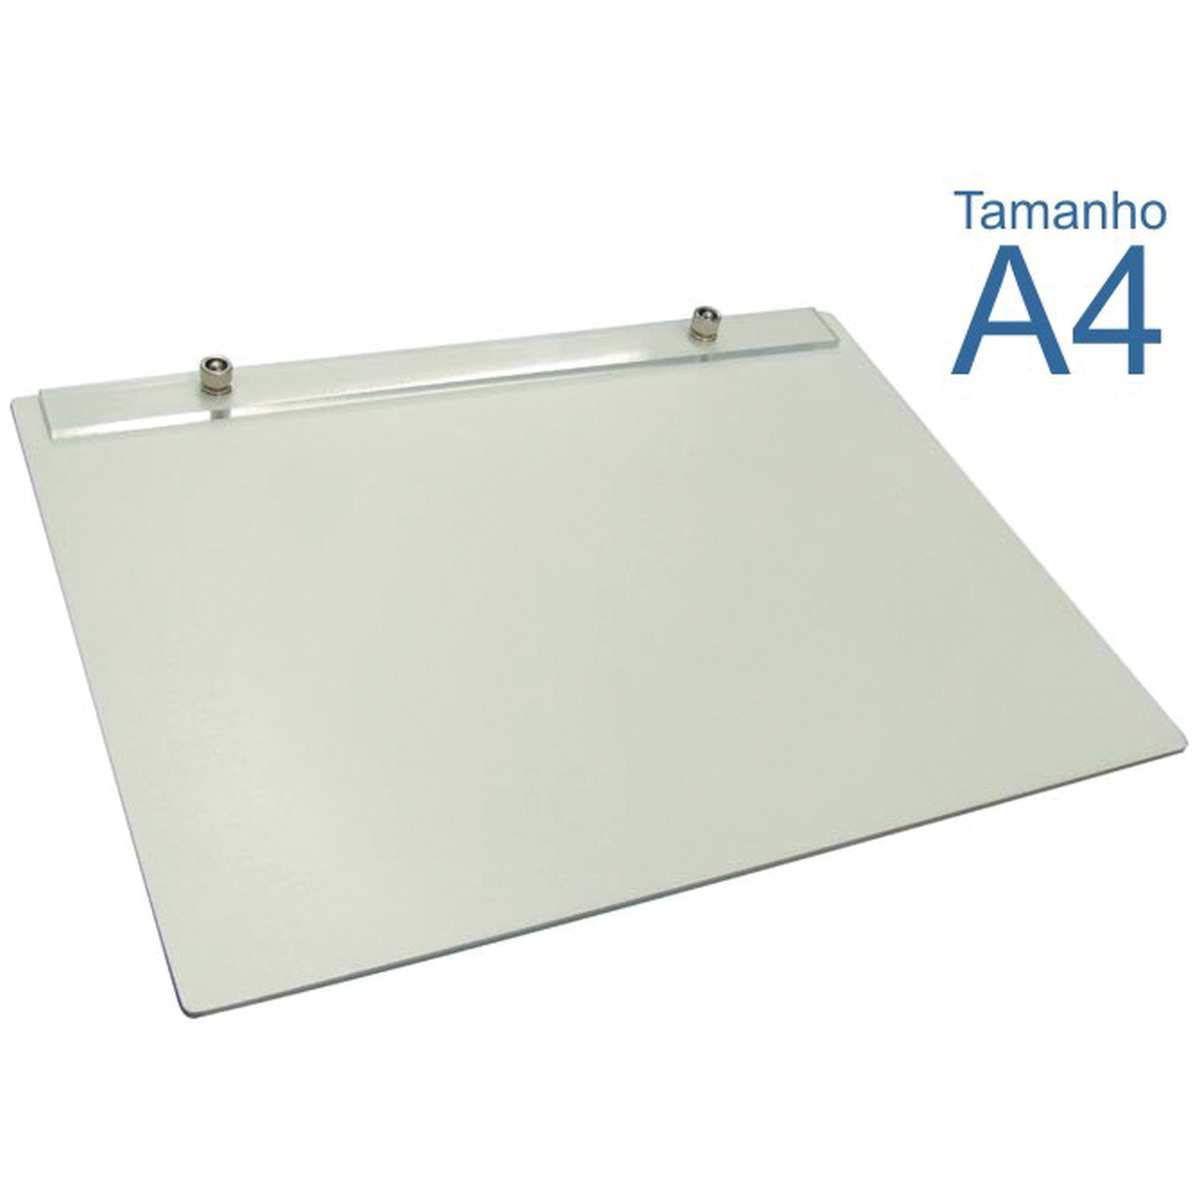 Prancheta Portátil em Fórmica Branca com 3 mm de Espessura, Trident 48-A4F, Branco, Formato A4